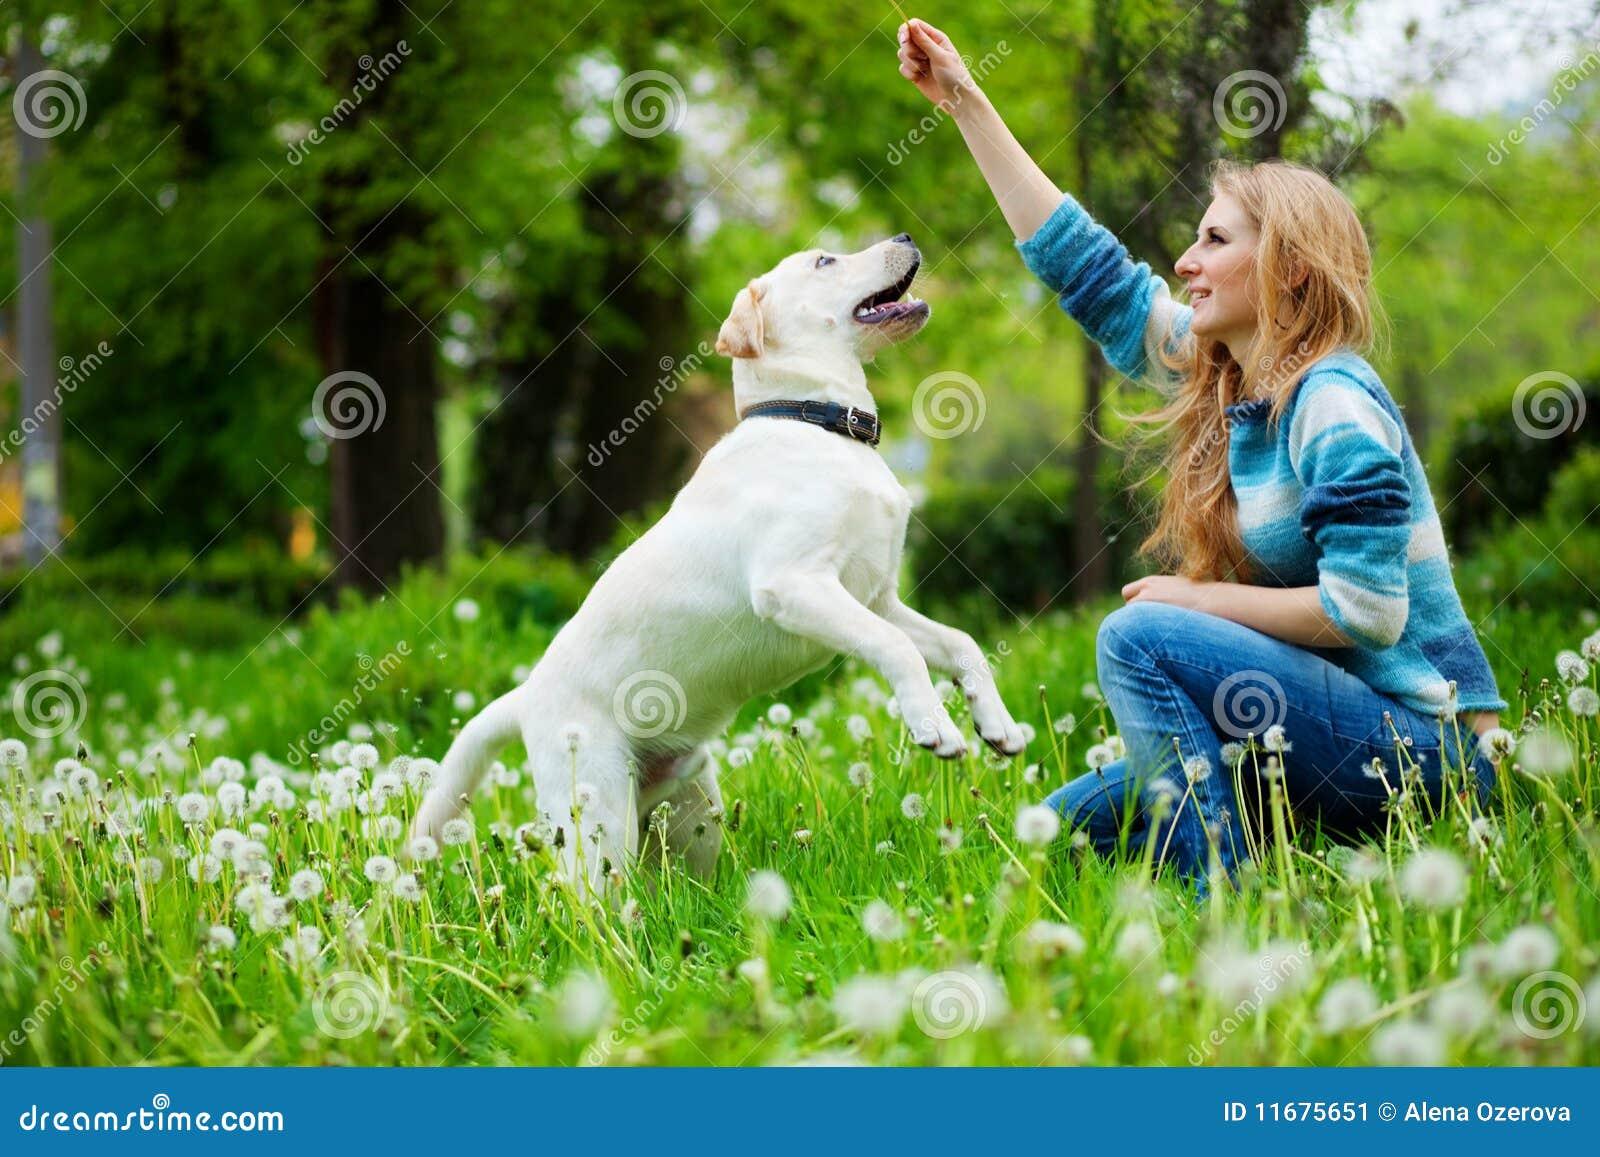 El jugar con el perro